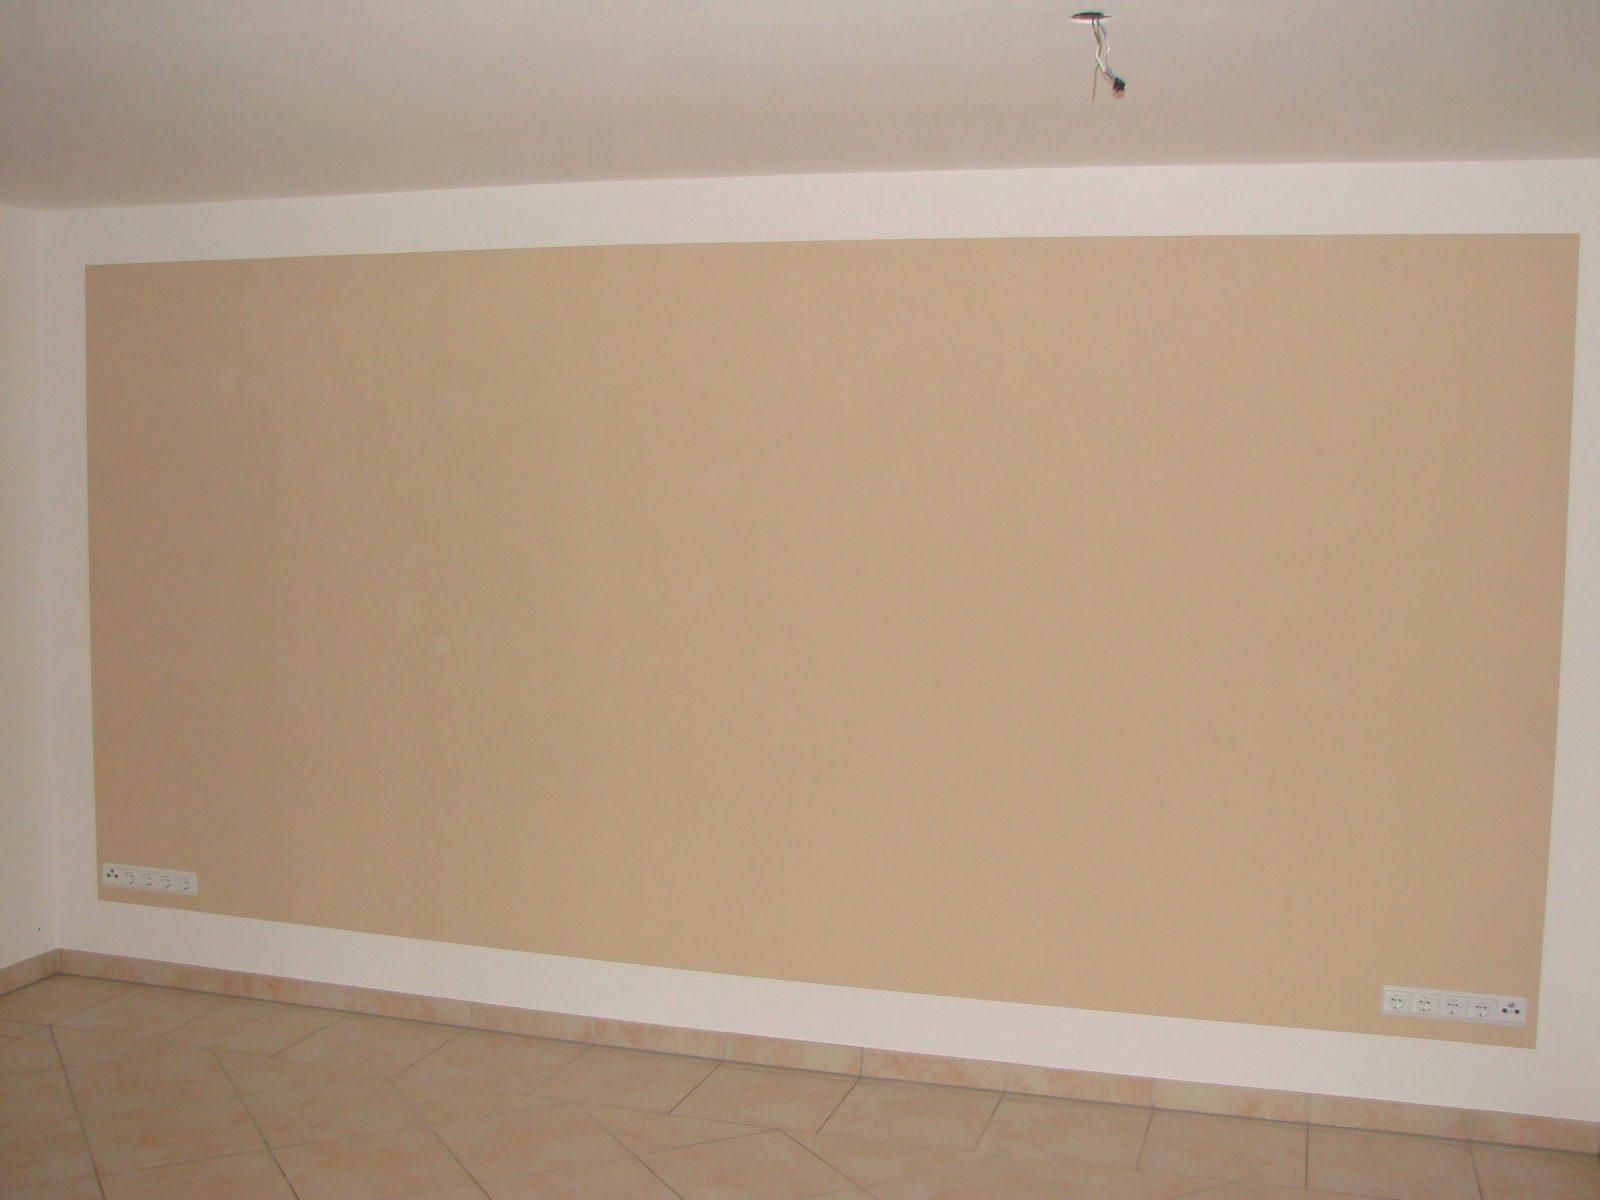 Glänzend Wandgestaltung Farbe Streifen Bolashak Von Moderne Wandgestaltung  Mit Farbe Bild